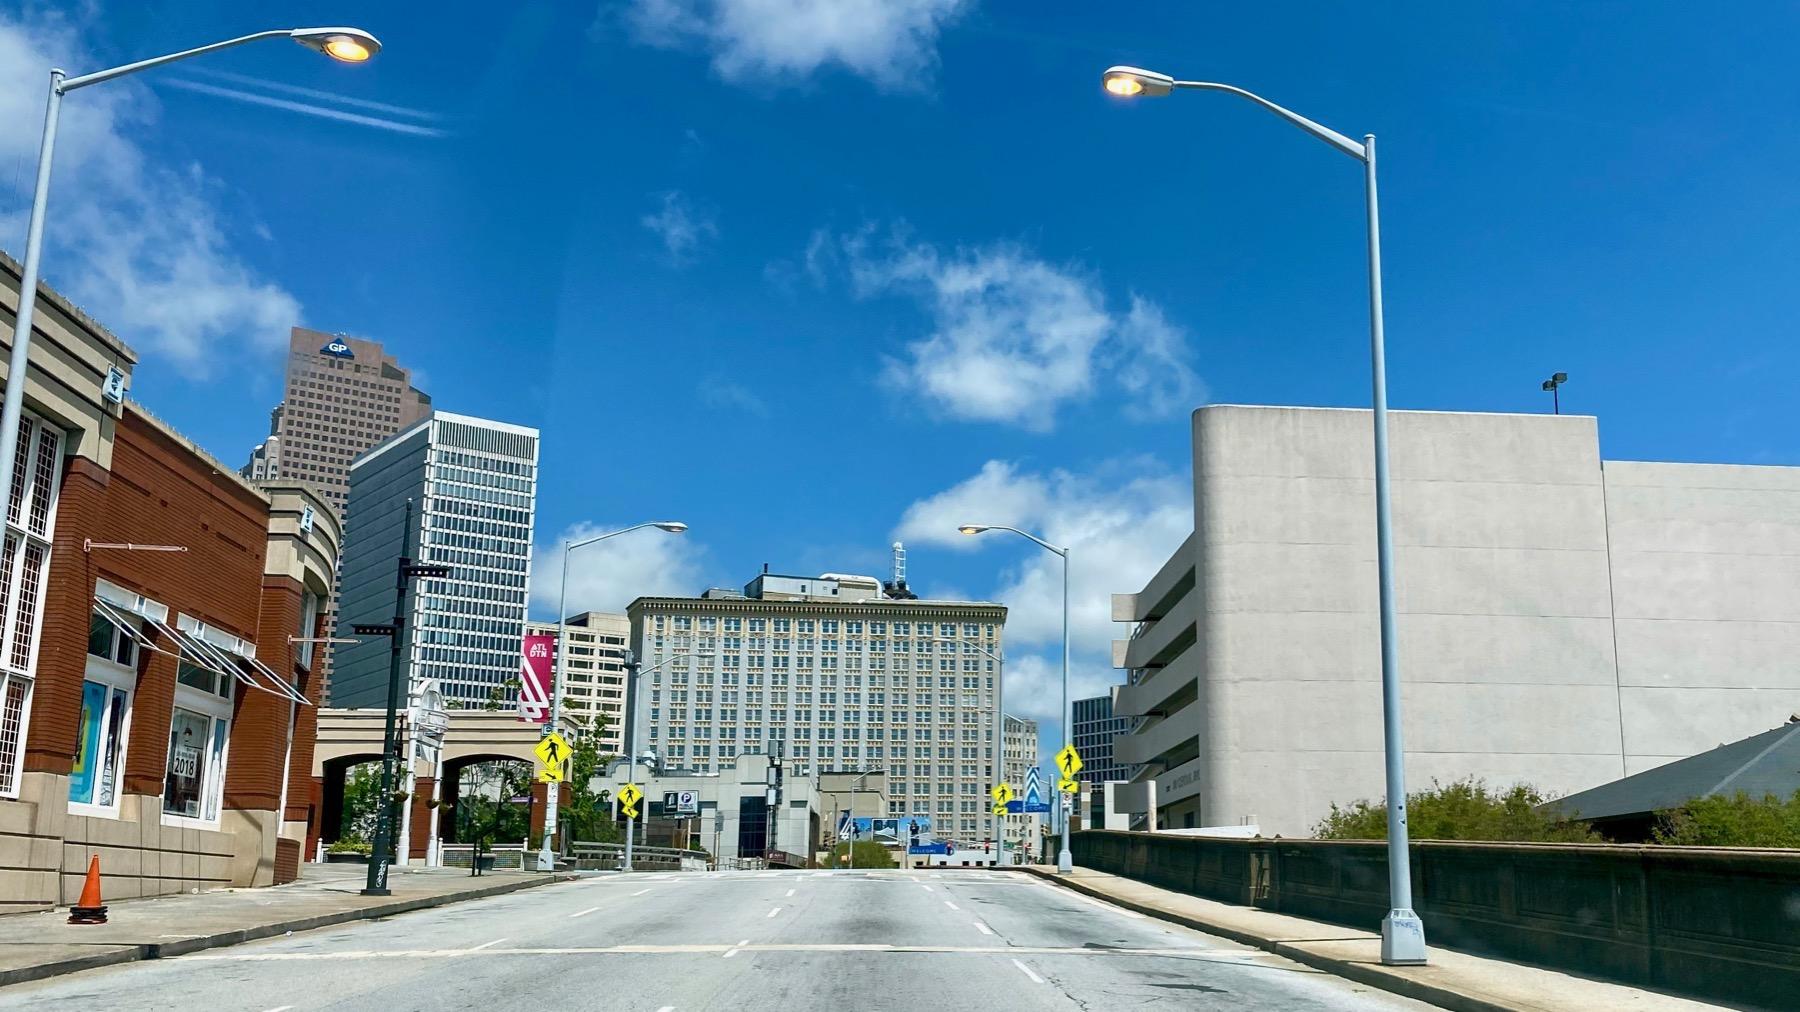 Downtown kinda empty